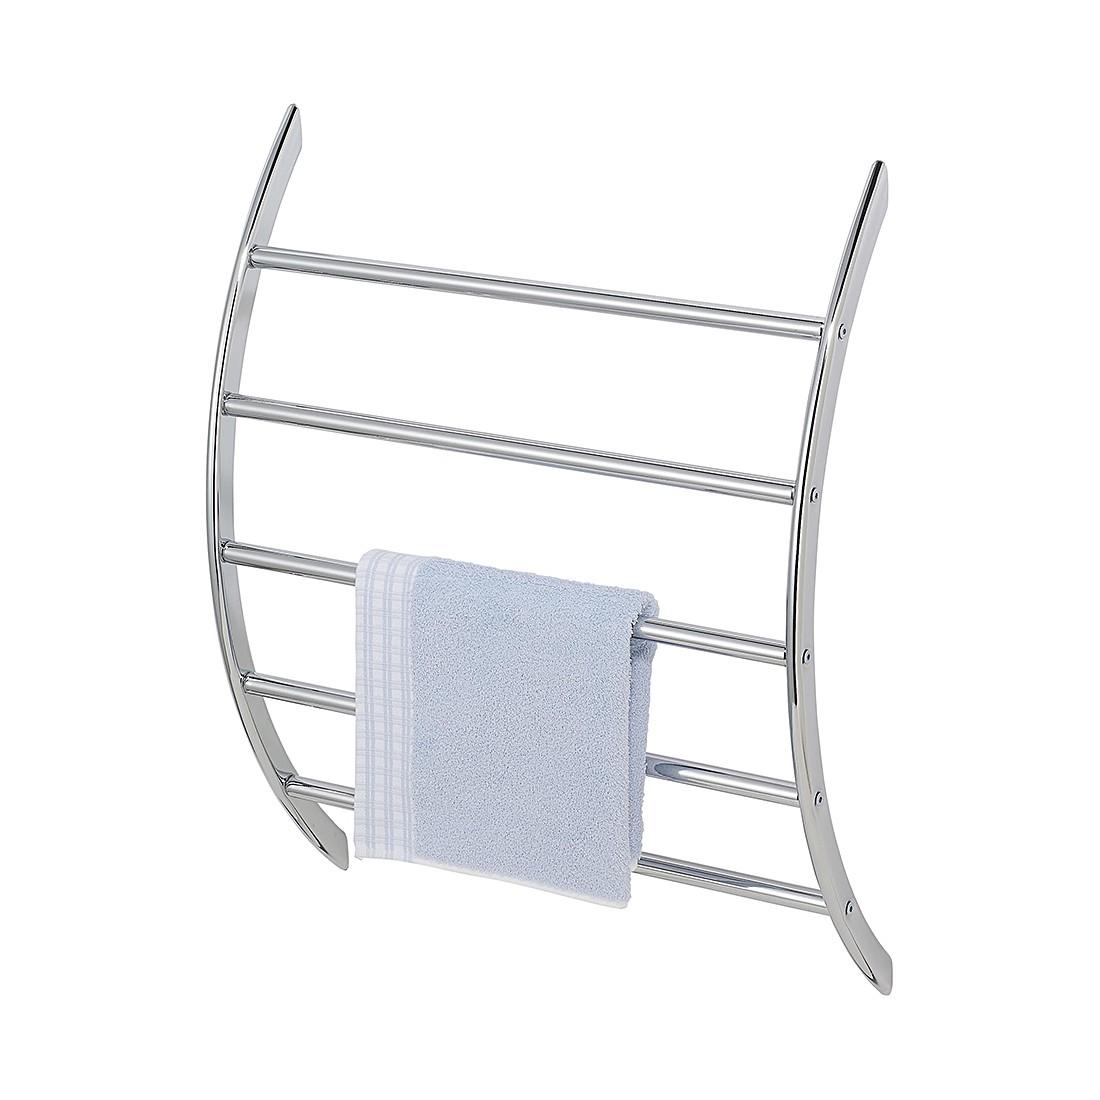 home24 Wand-Handtuchhalter Exclusiv